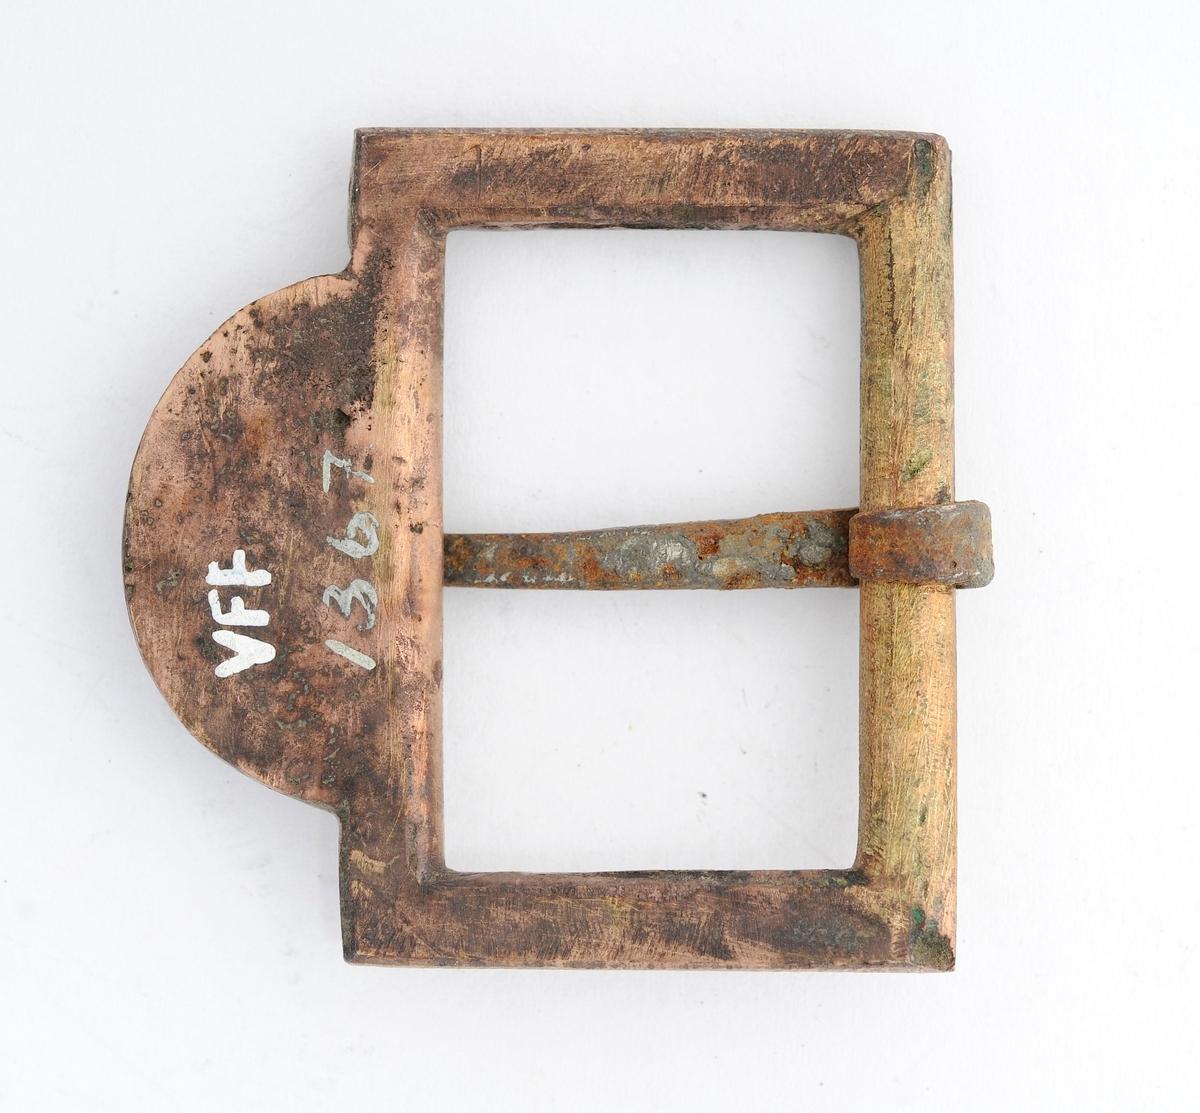 """Beltespenne i messing. Rektanguler flat form. Ingen dekor.  Stolpen er støypt i eitt med spenna med smidd tann rundt. Støypt flat """"halvmåne"""" på andre sida med årstallet 1806."""